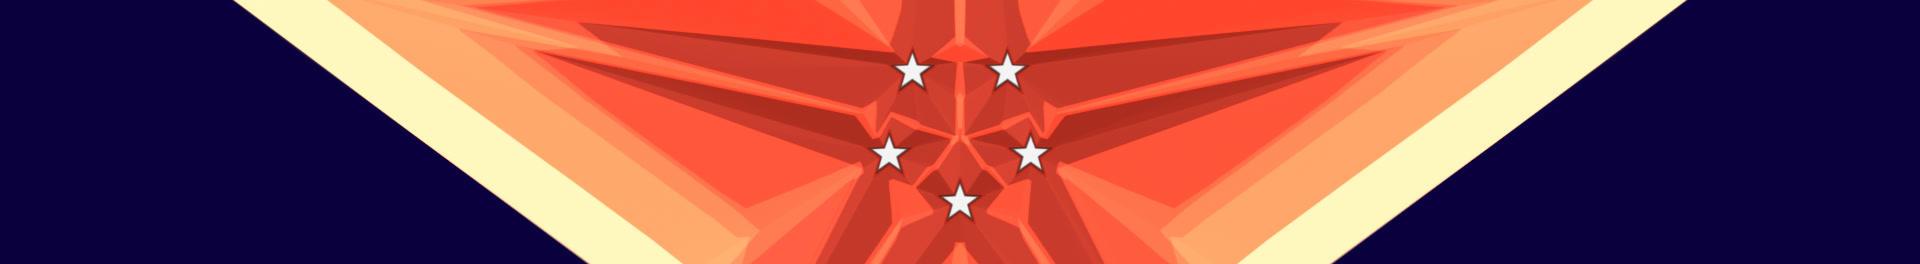 superStar1 full Animation